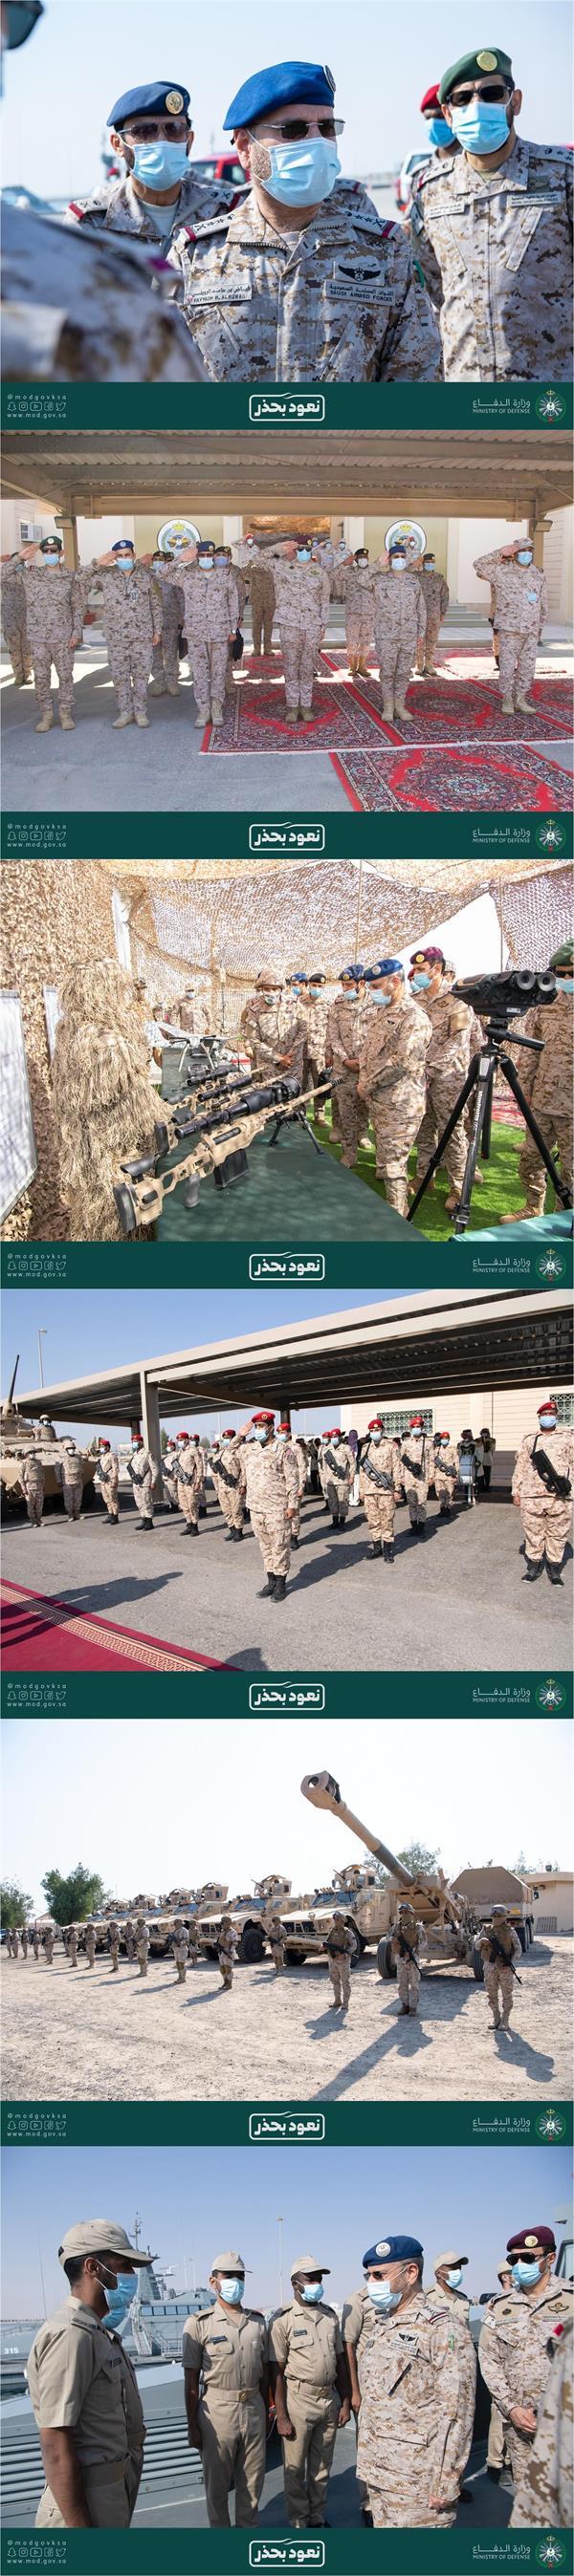 """""""رئيس هيئة الأركان"""" يزور قيادة المنطقة الشرقية للوقوف على جاهزية الموقف العسكري"""